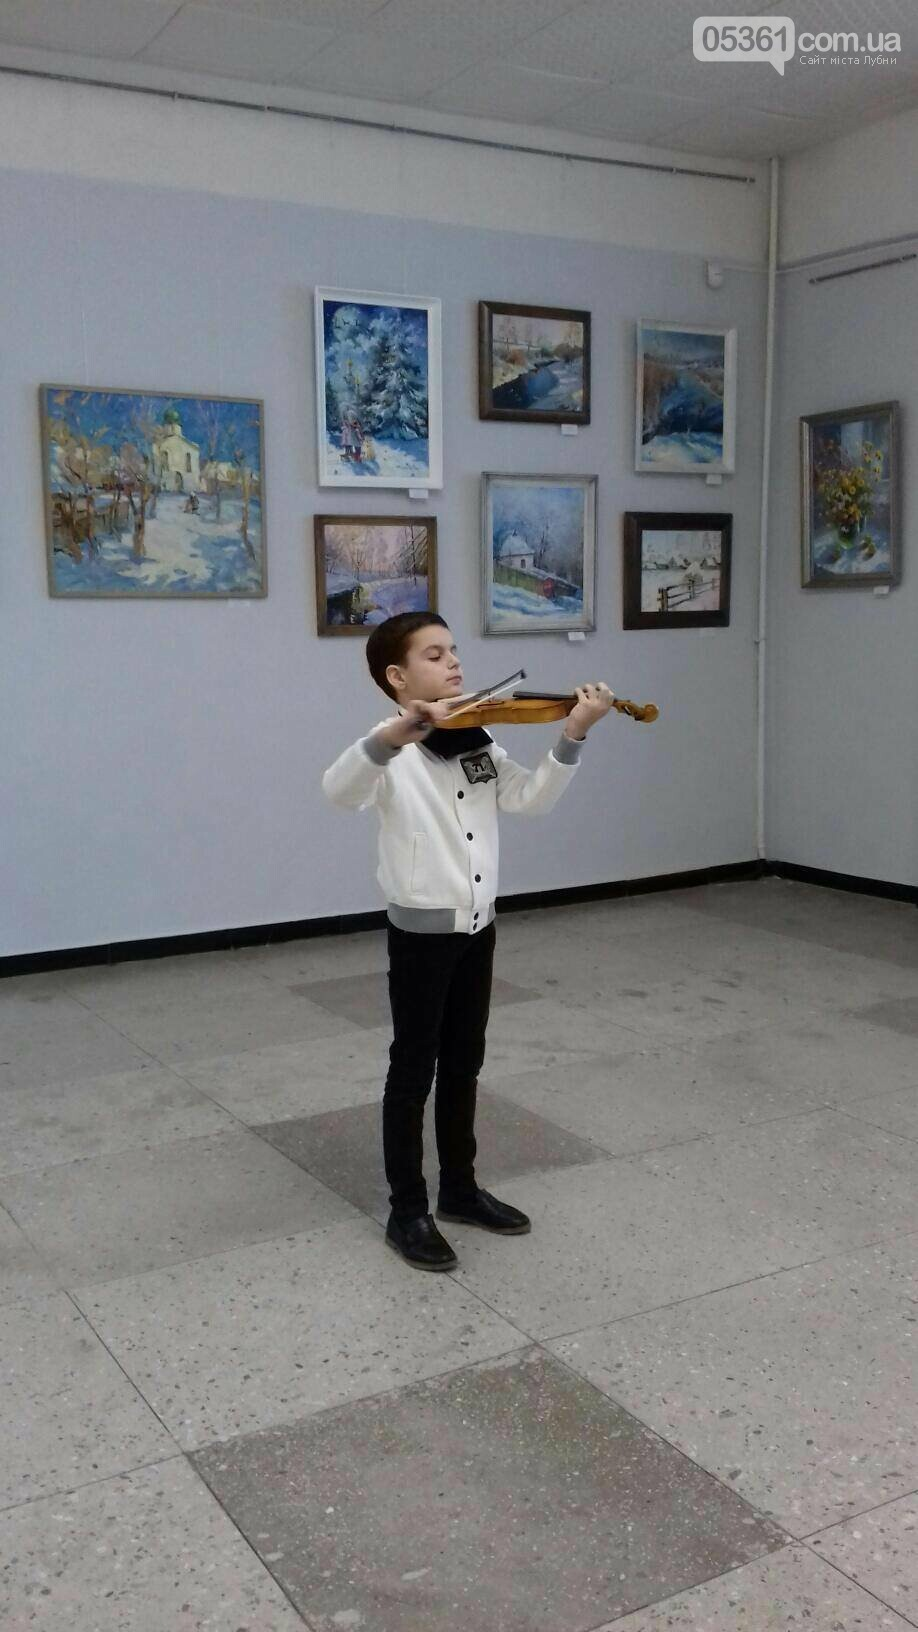 Королева музики звучала у Лубенській галереї, фото-2